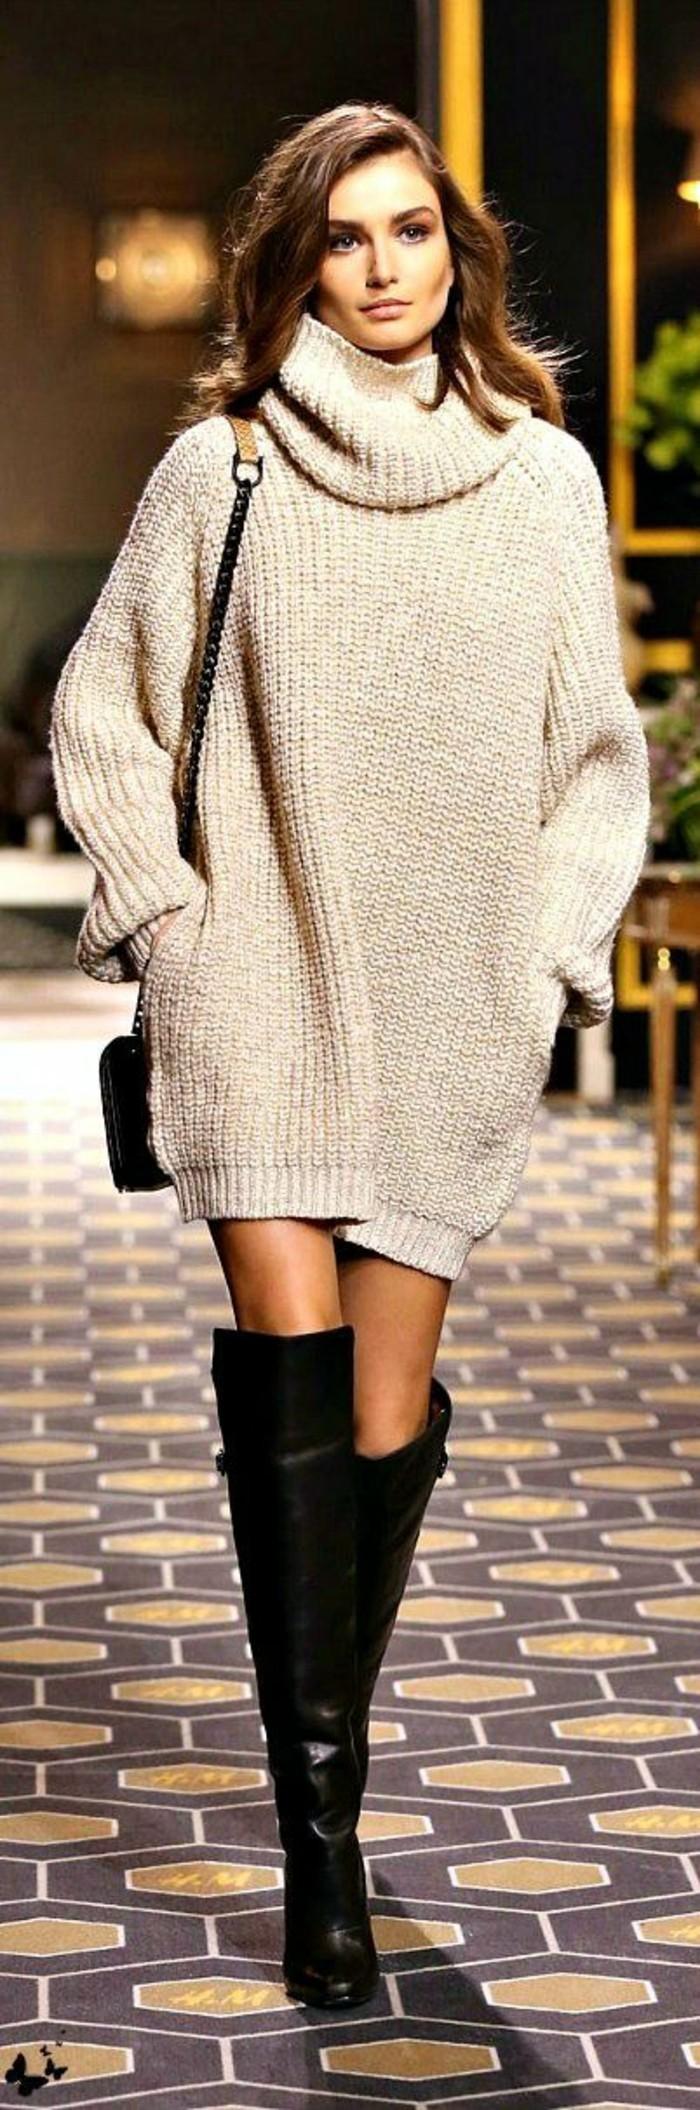 wintermode winterkleider pulloverkleid rollkragen